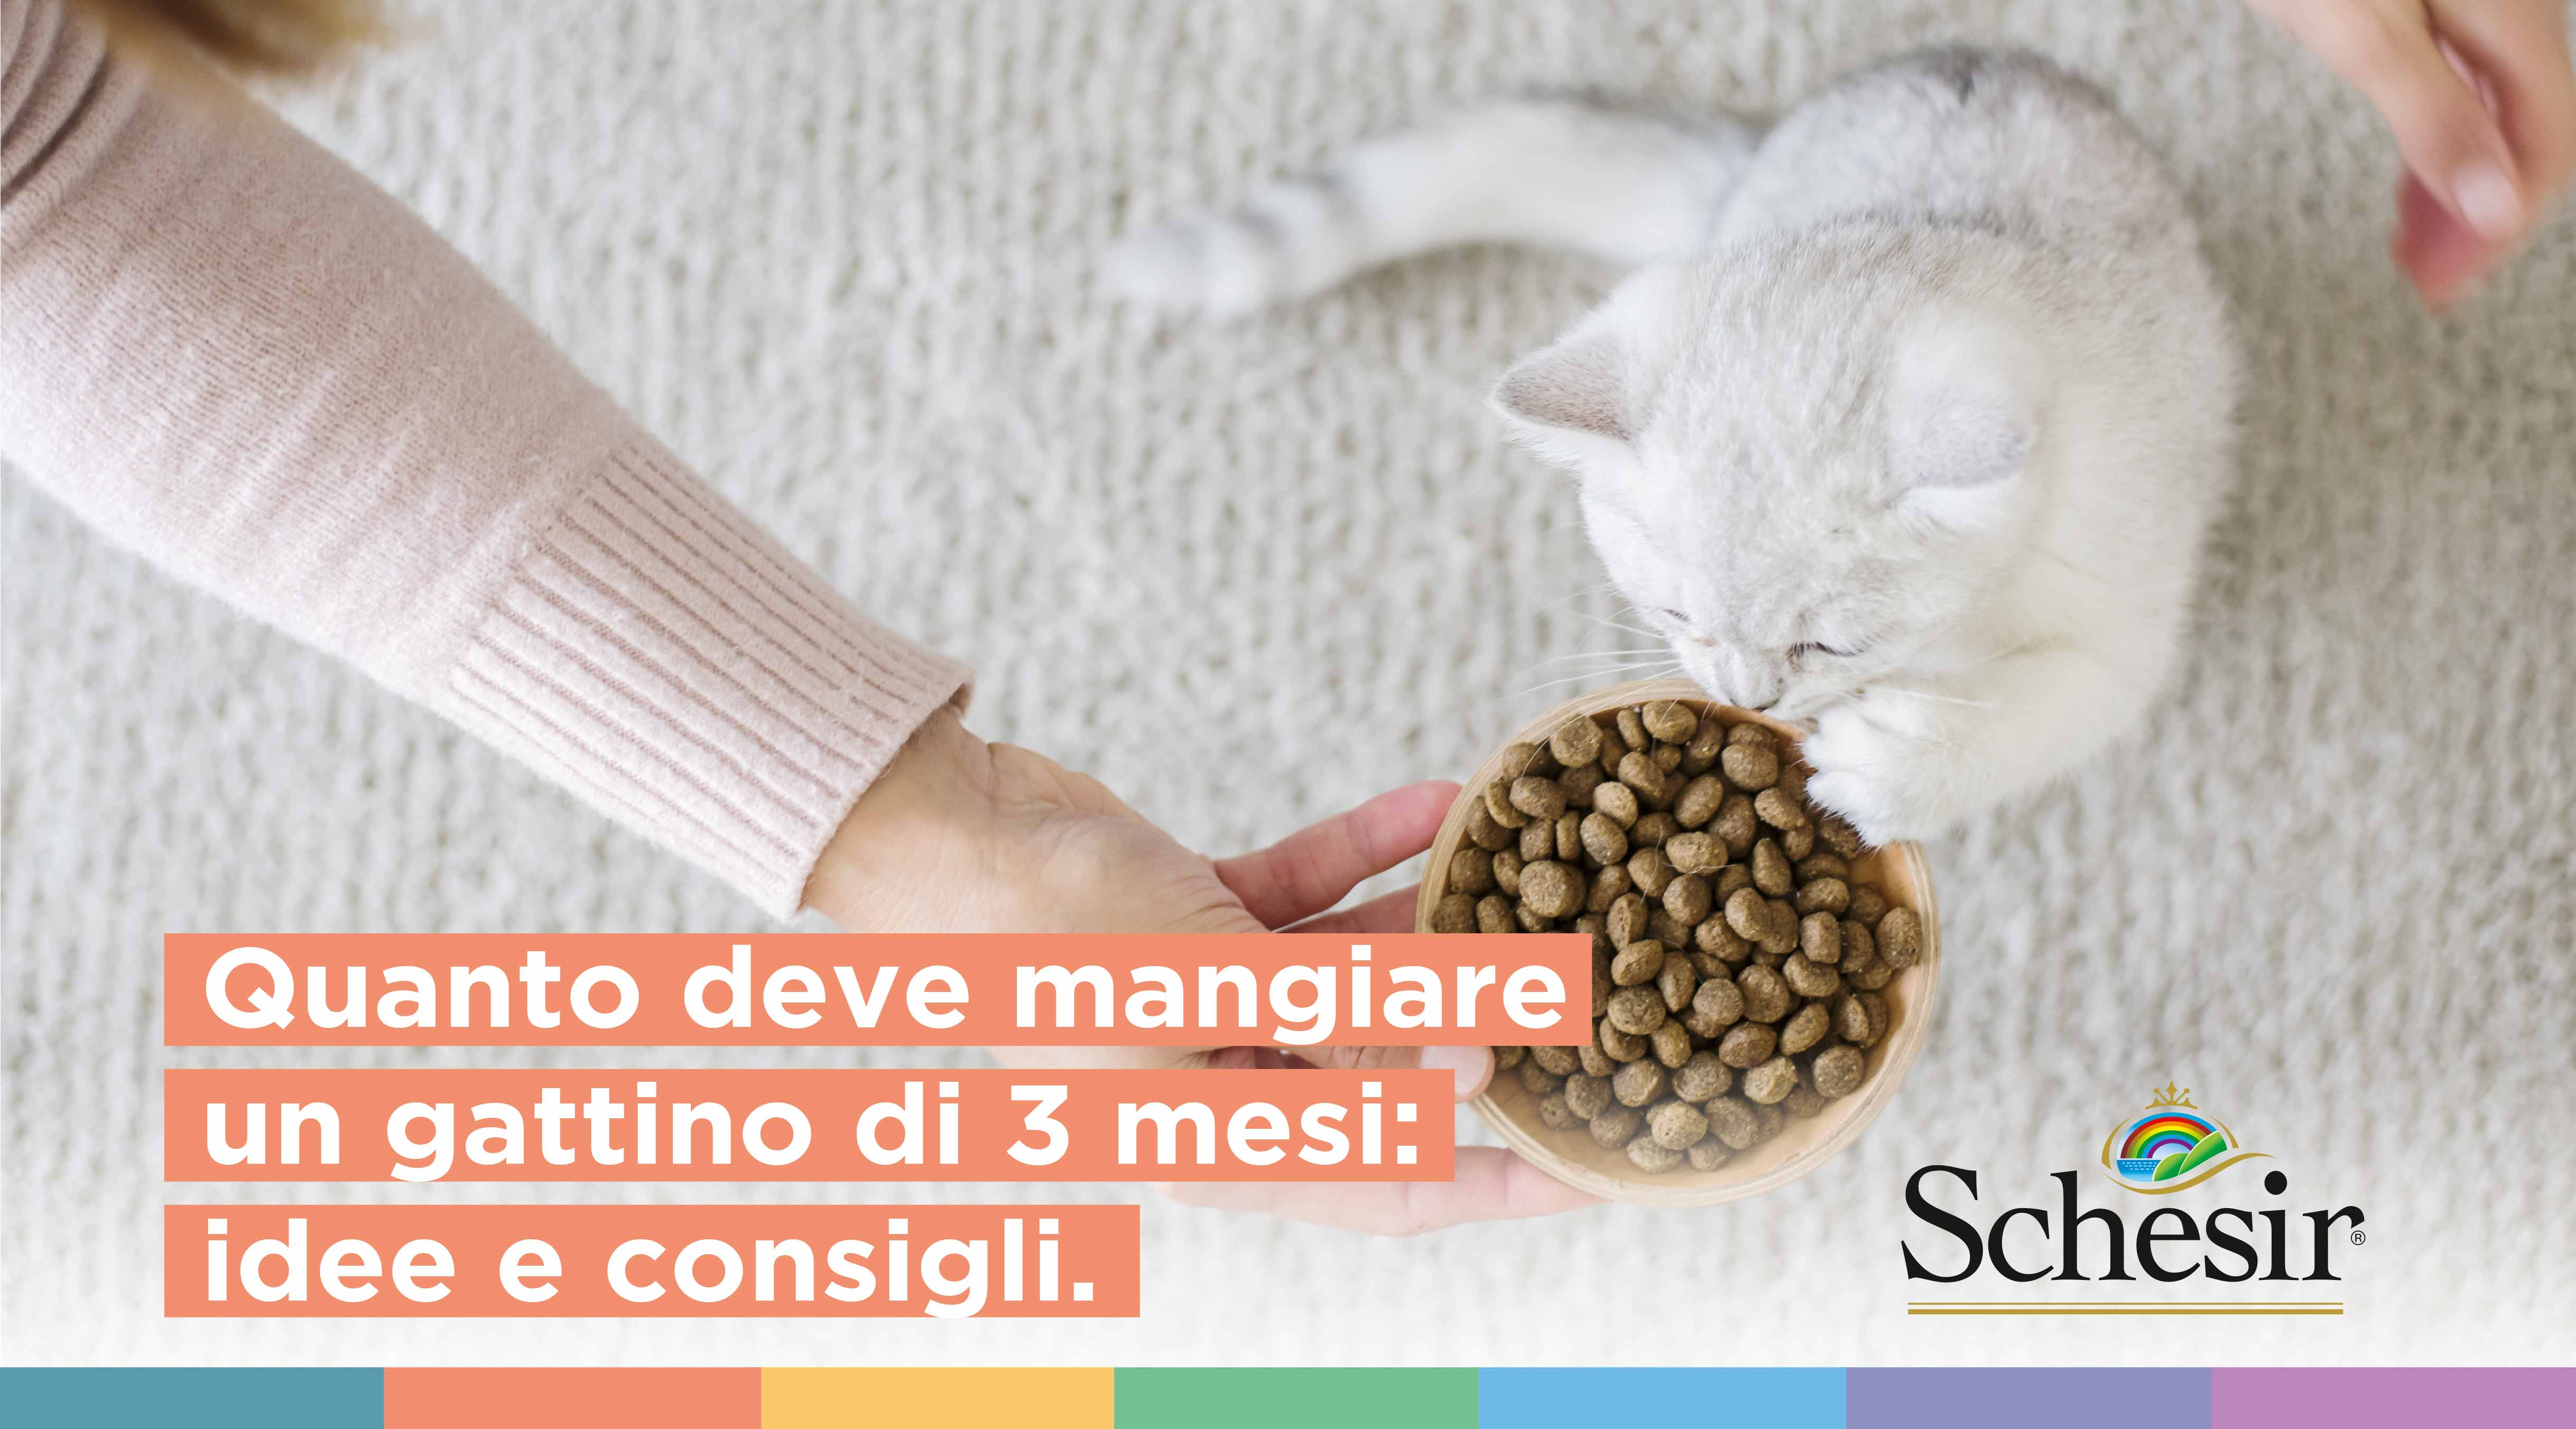 Quanto deve mangiare un gattino di 3 mesi: idee e consigli, Schesir